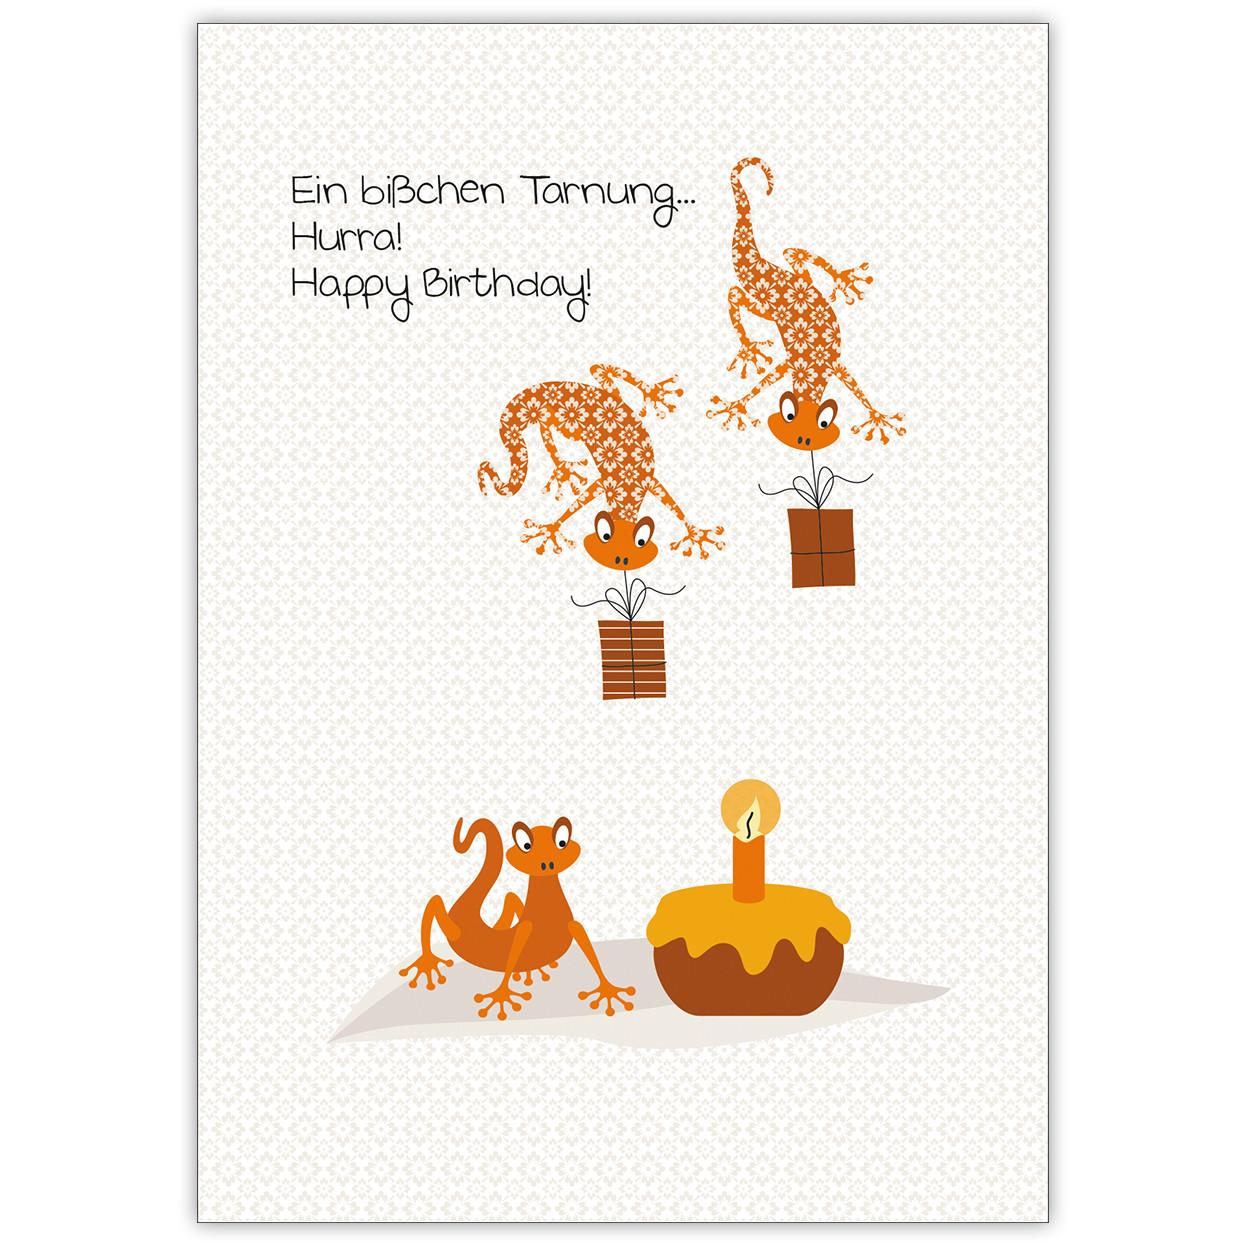 Lustige Geburtstagskarten  Lustige Geburtstagskarte mit coolen Geckos Ein bißchen